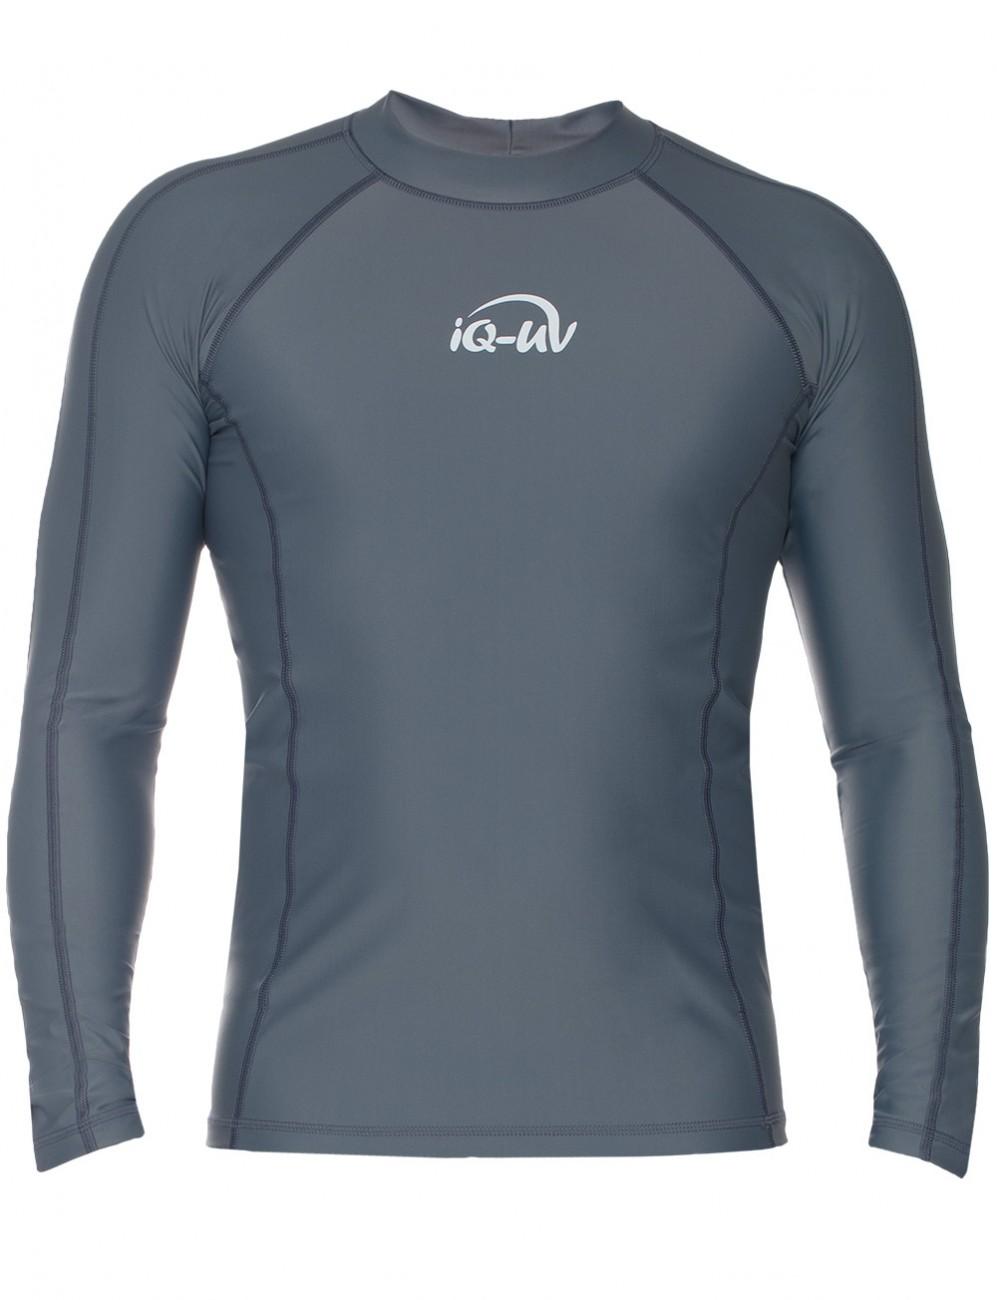 Maglietta UV 300/Shirt Slim Fit Water Sport IQ-Company